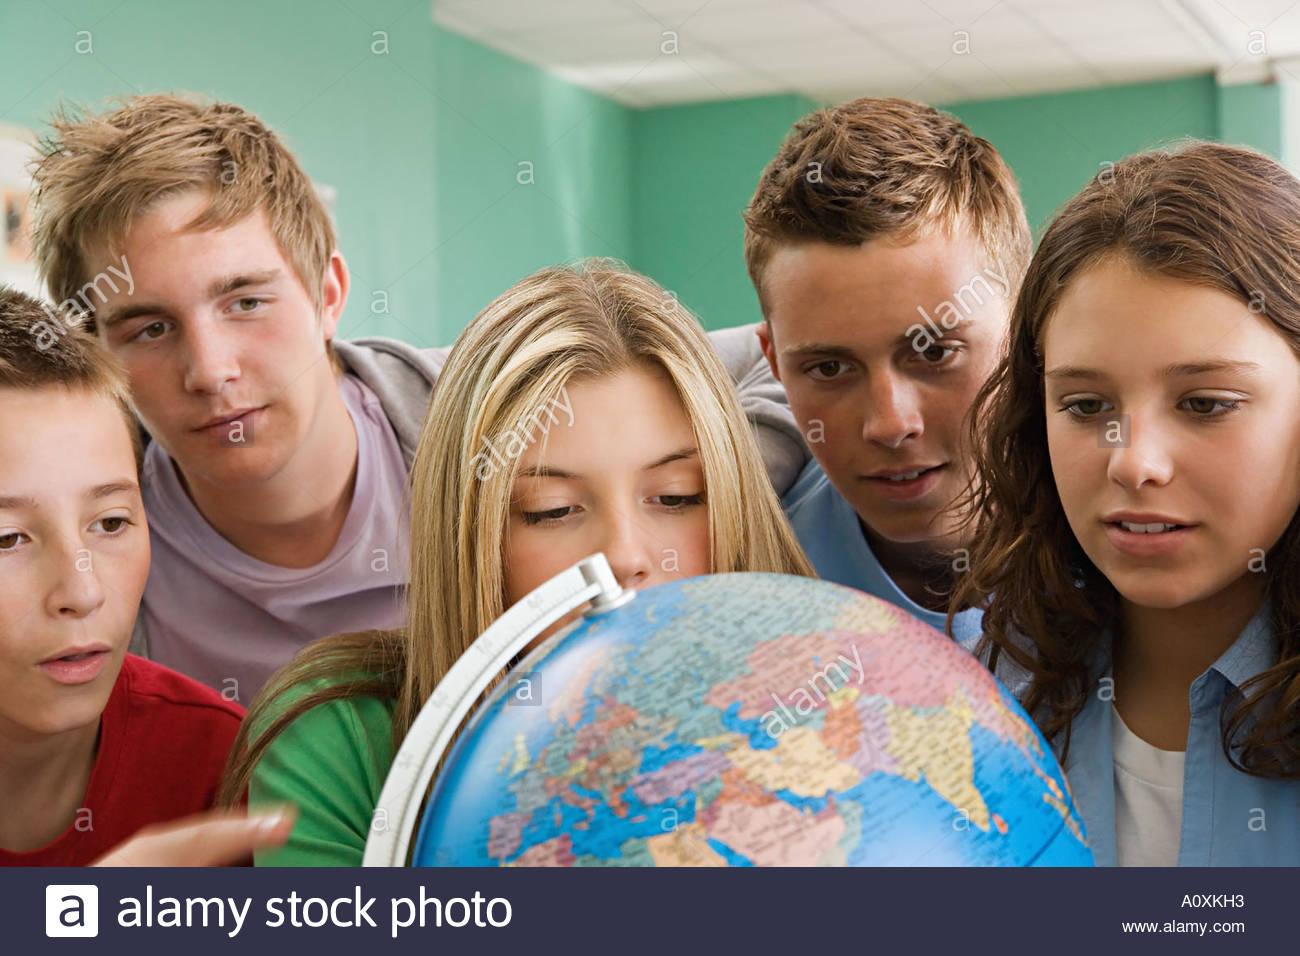 Schülerinnen und Schüler einen Globus betrachten Stockbild